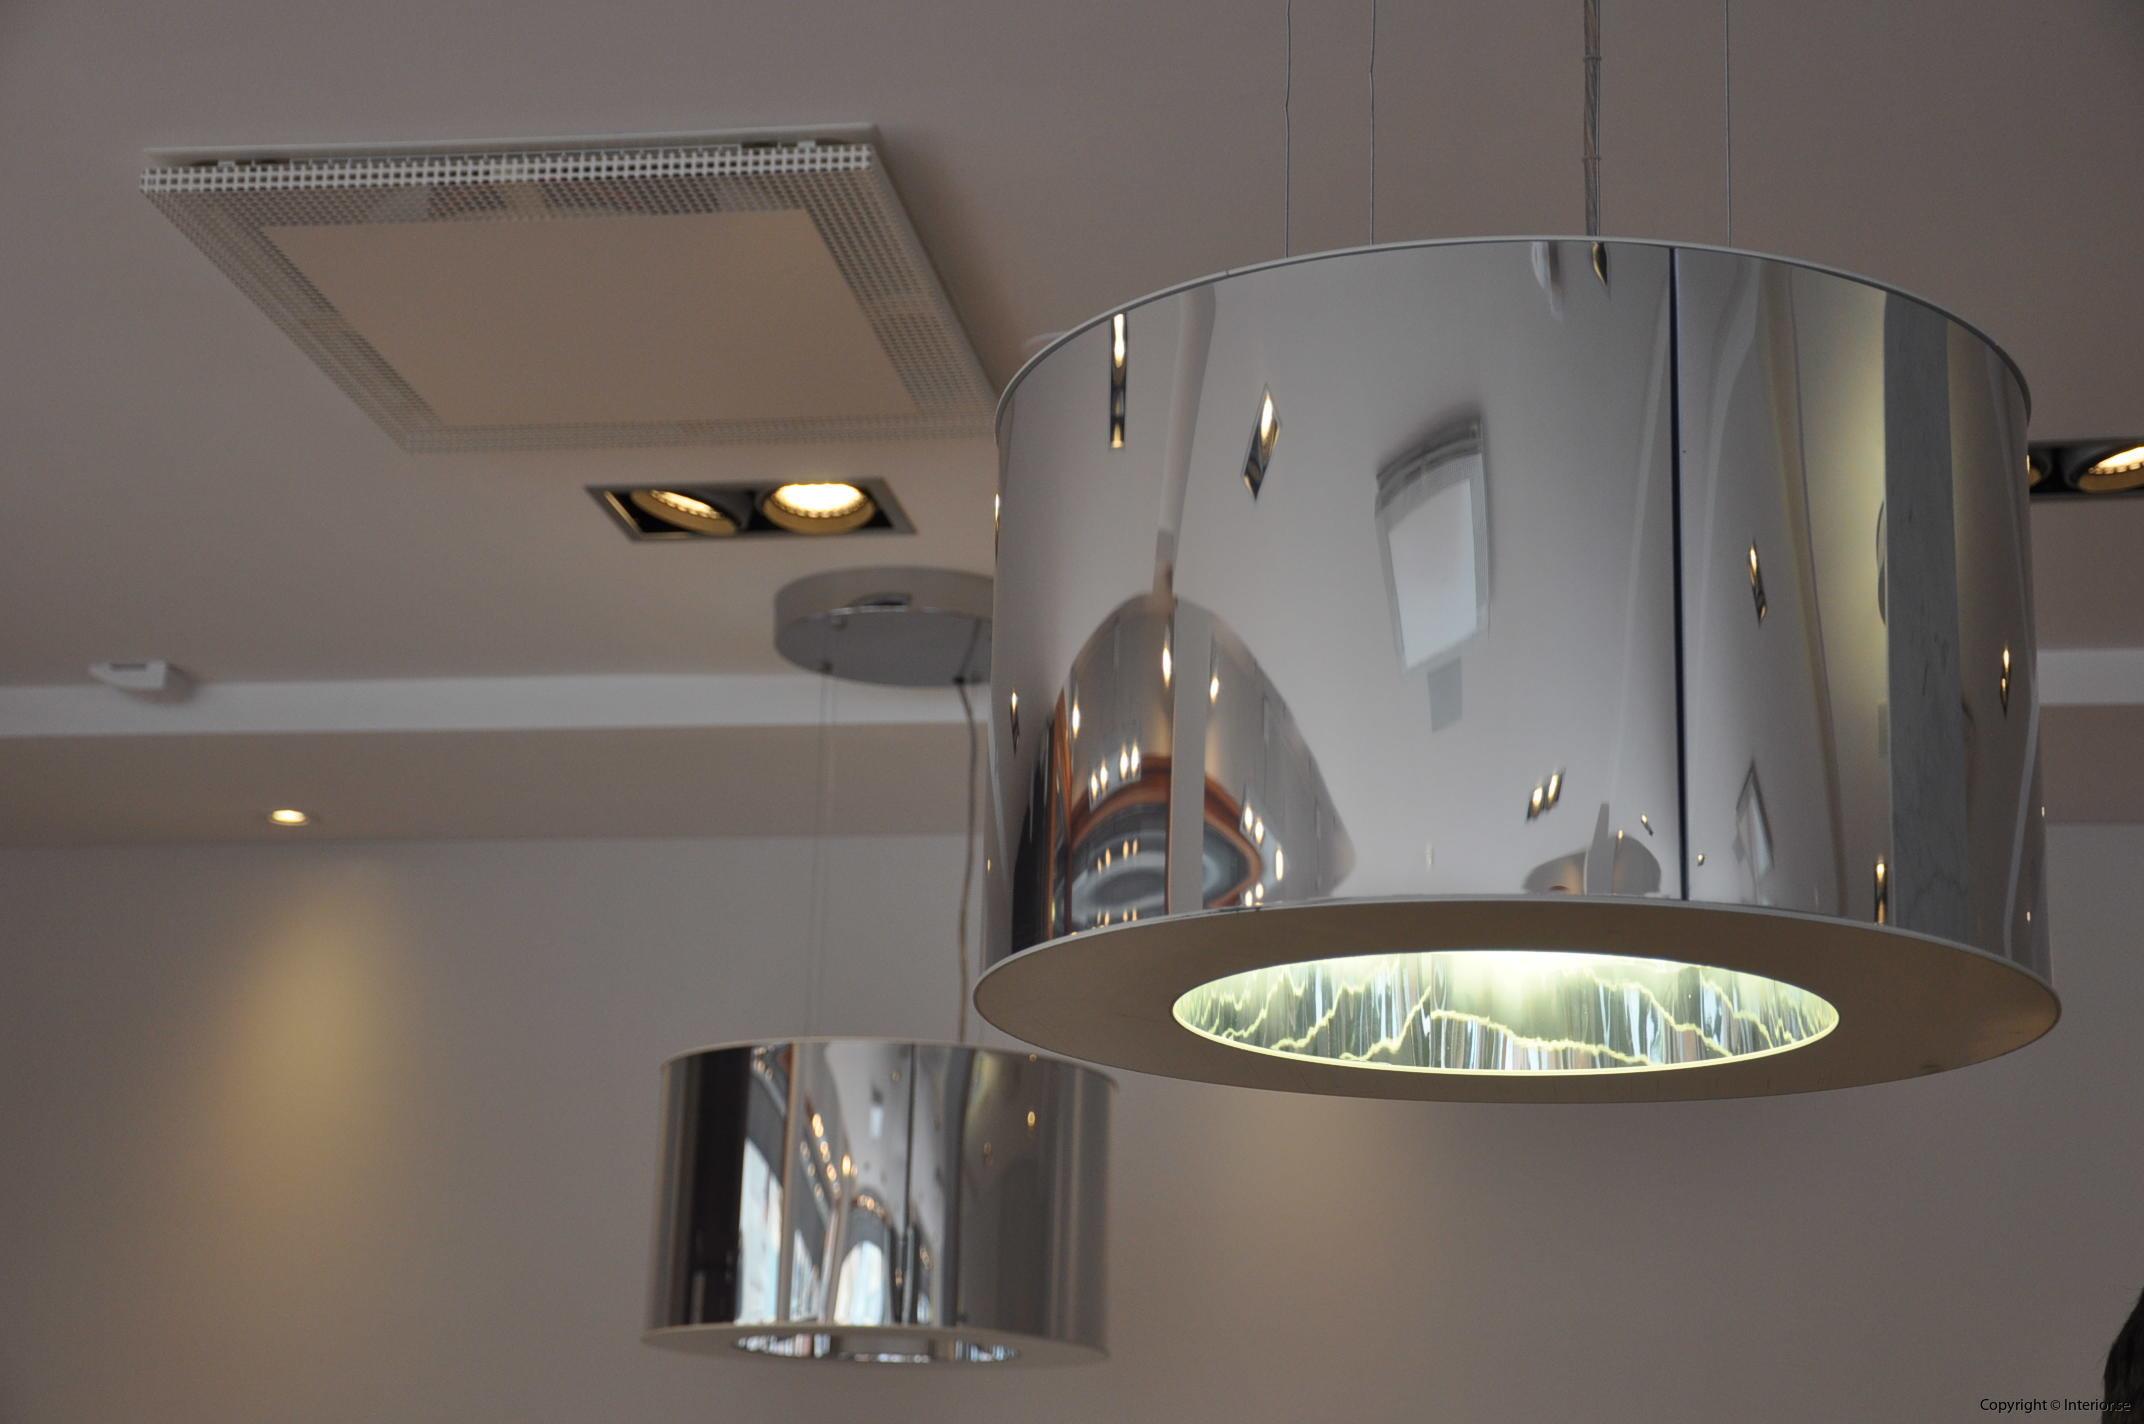 Pendel, Artemide Tian Xia 500 50 cm LED - Carlotta de Bevilacqua (7)